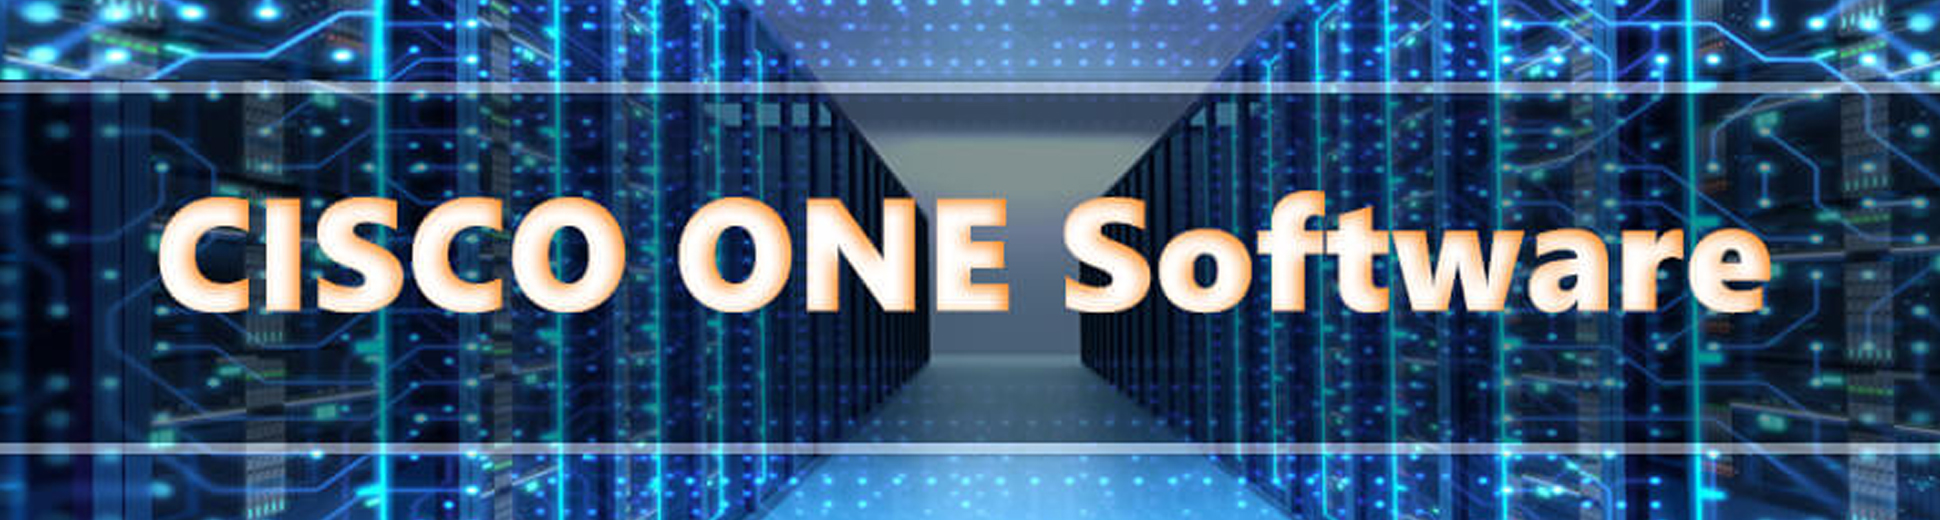 نرم افزار کاربردی Cisco One